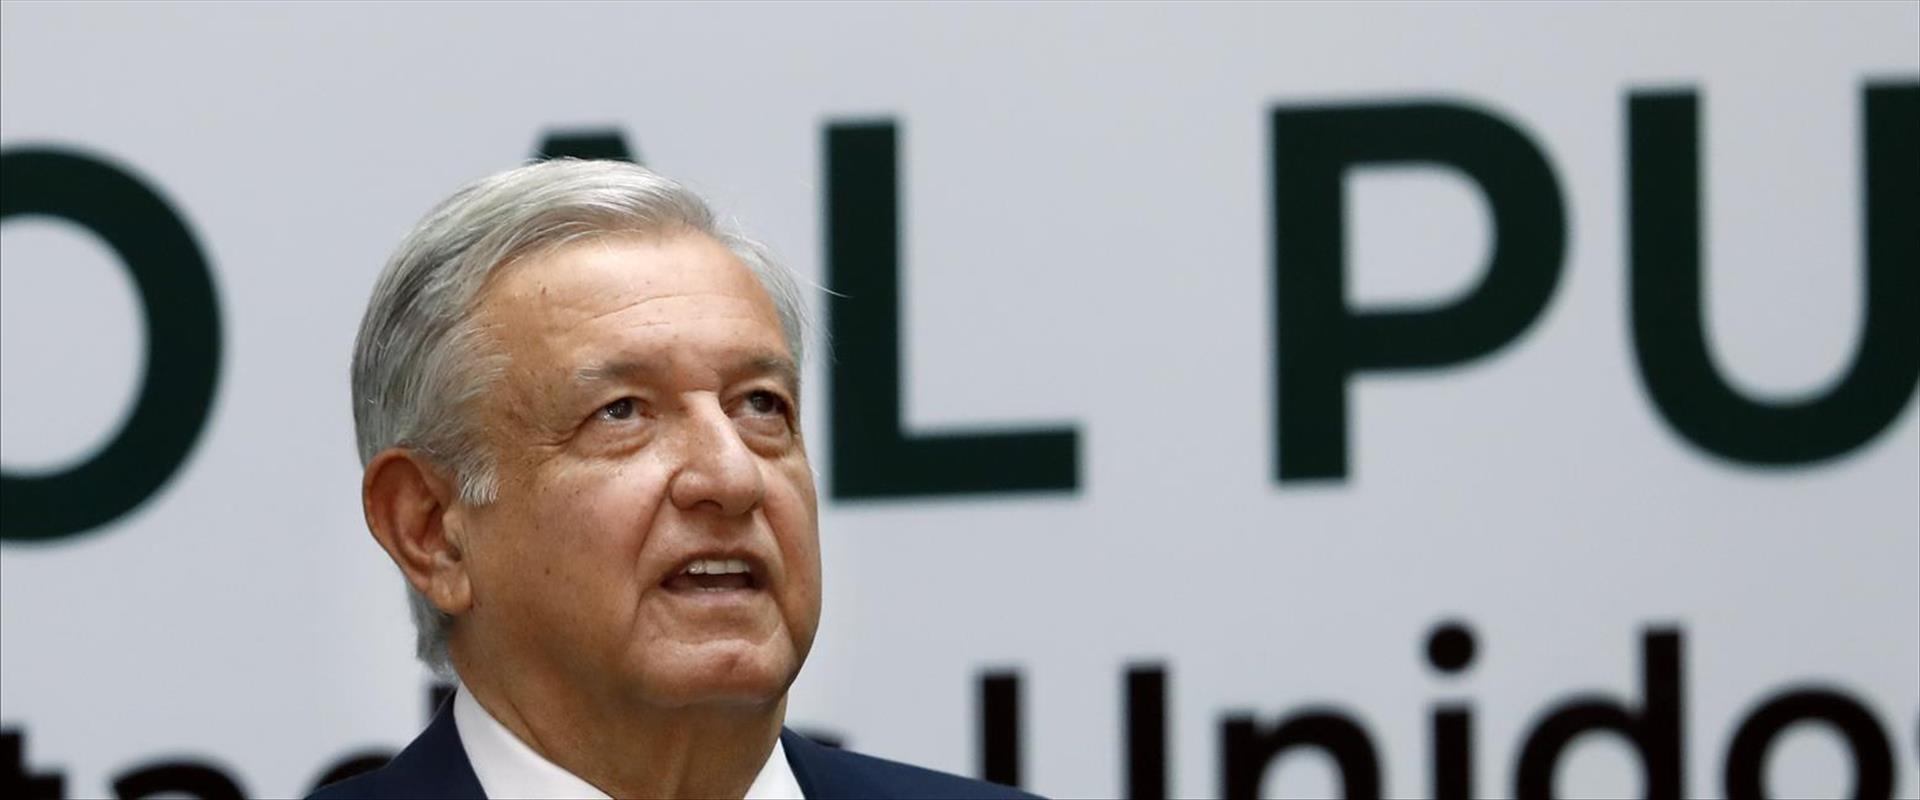 נשיא מקסיקו לופז אוברדור